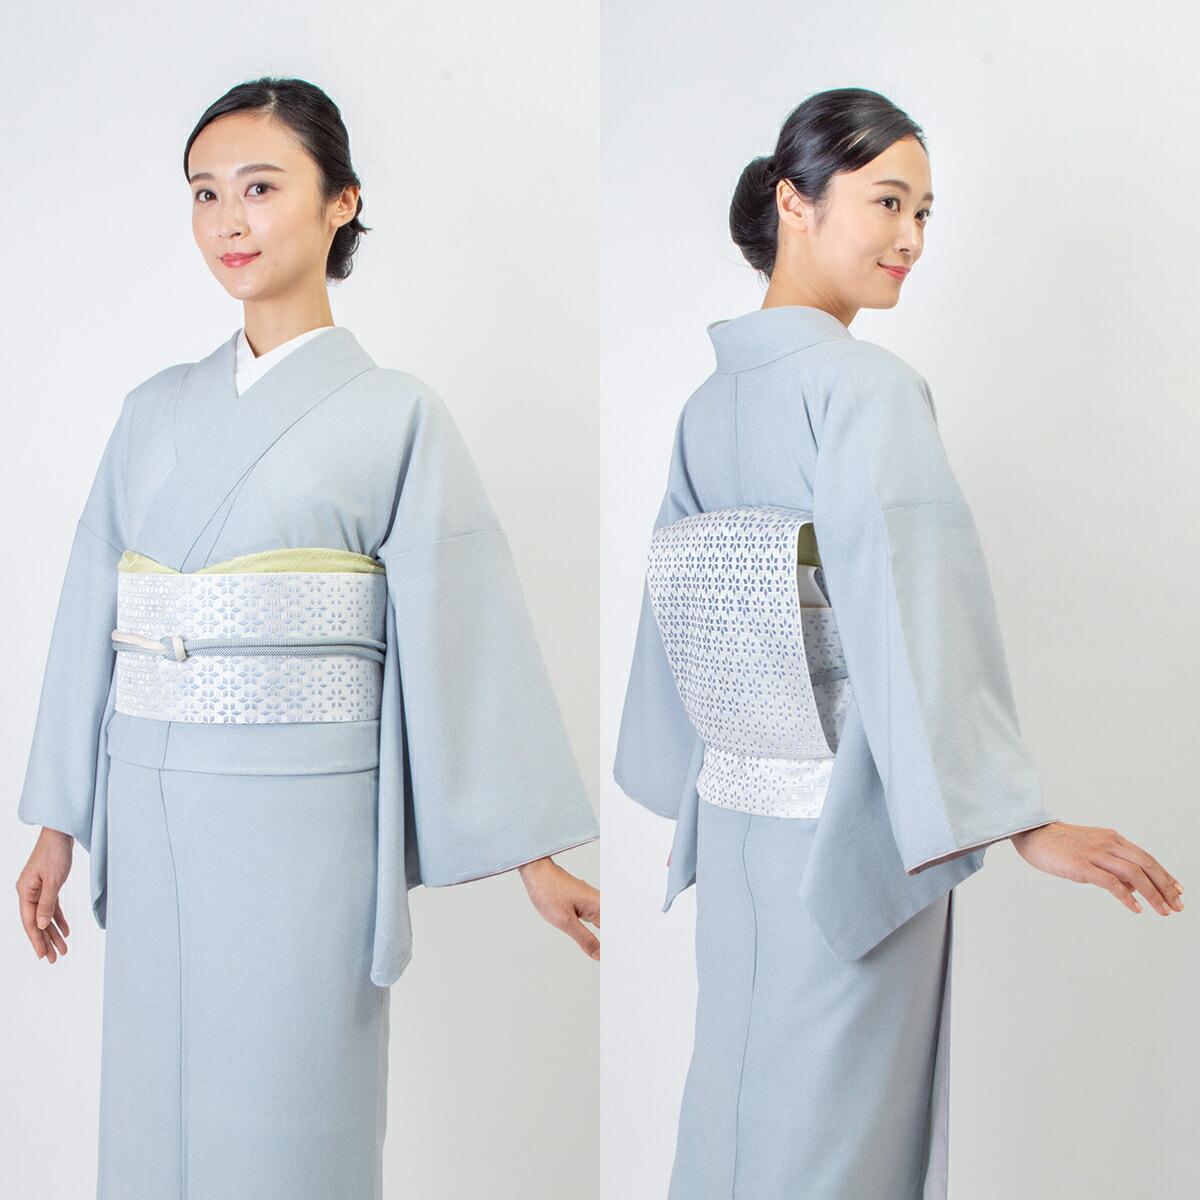 ウォッシャブル江戸小紋【角通し】灰青モデル着用